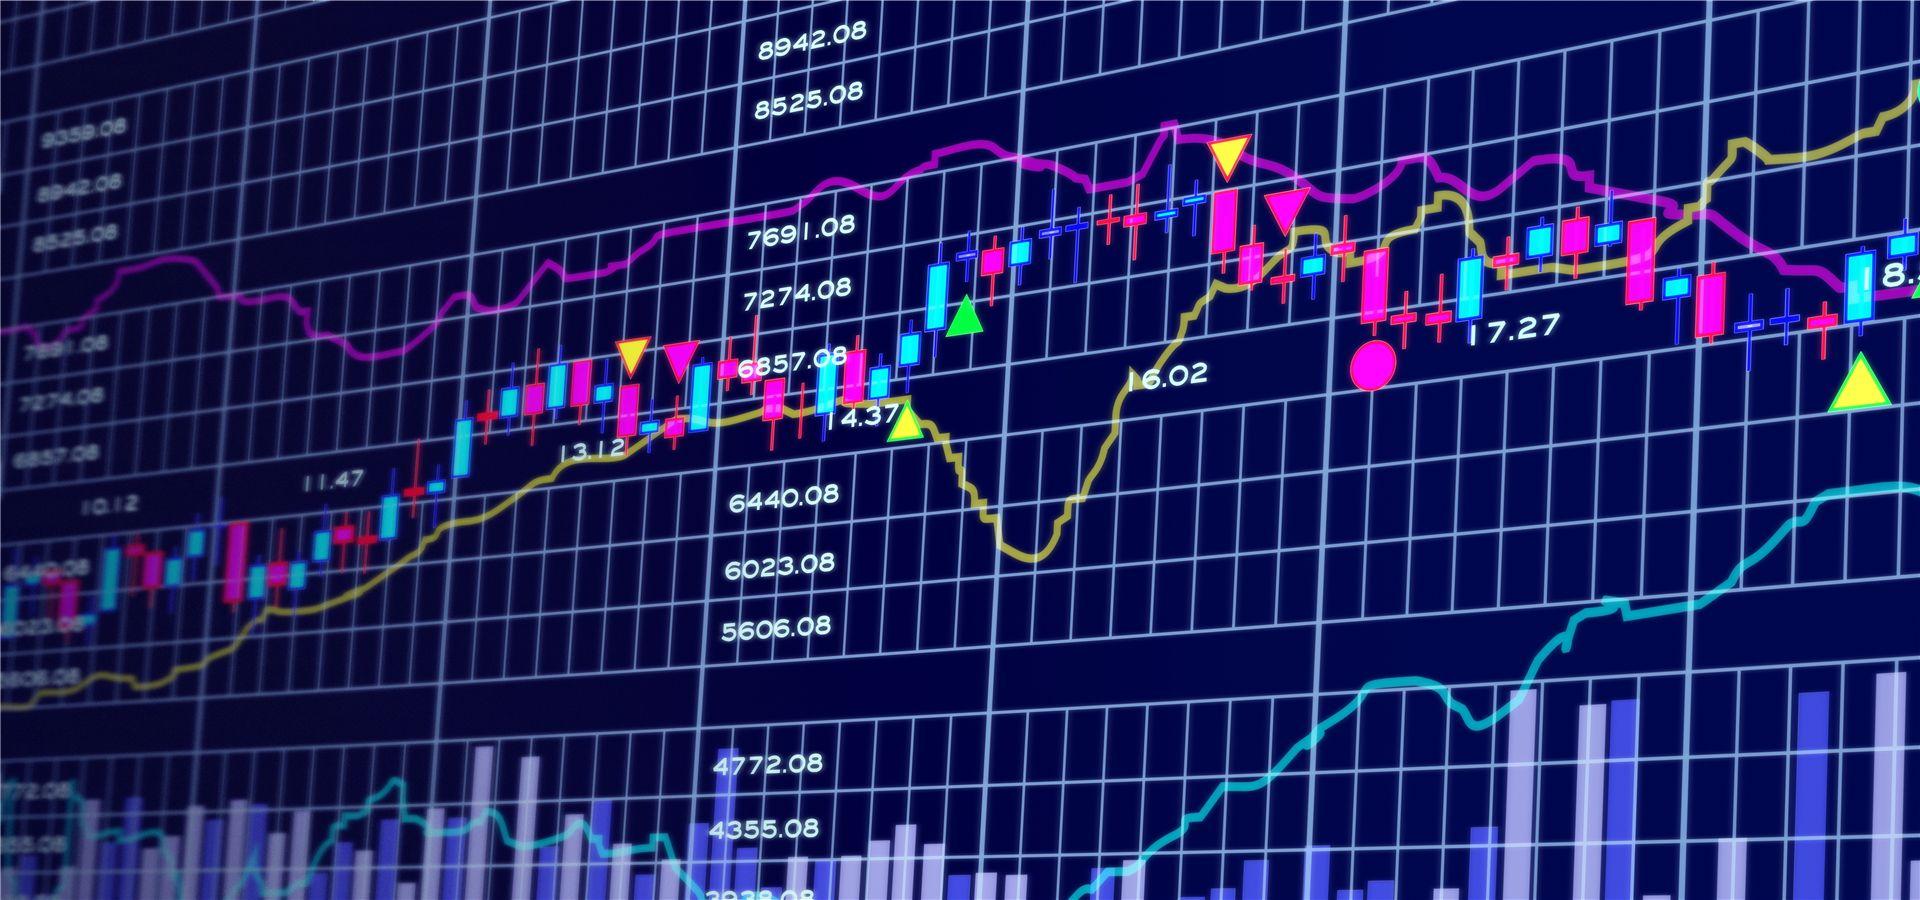 证券时报社评:集体喊话提振信心 稳定股市重在落实